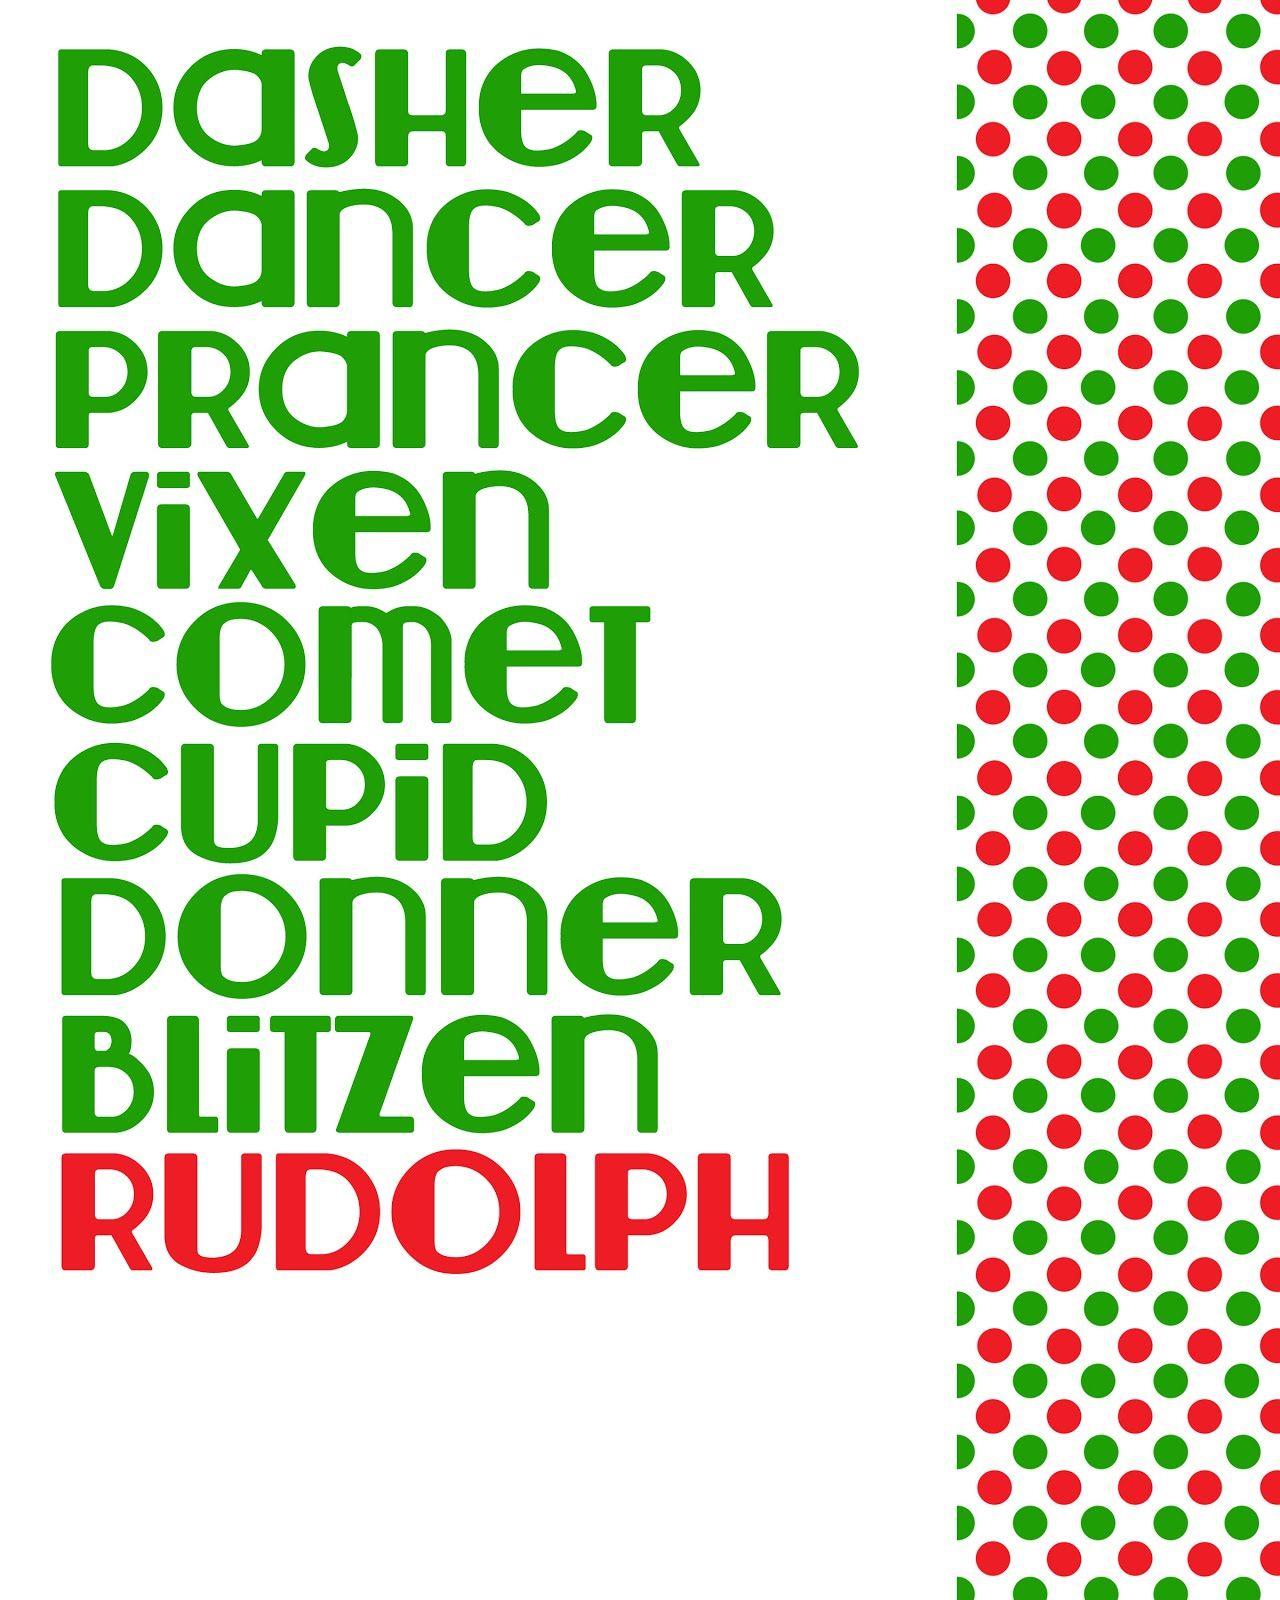 Reindeer Names Printable